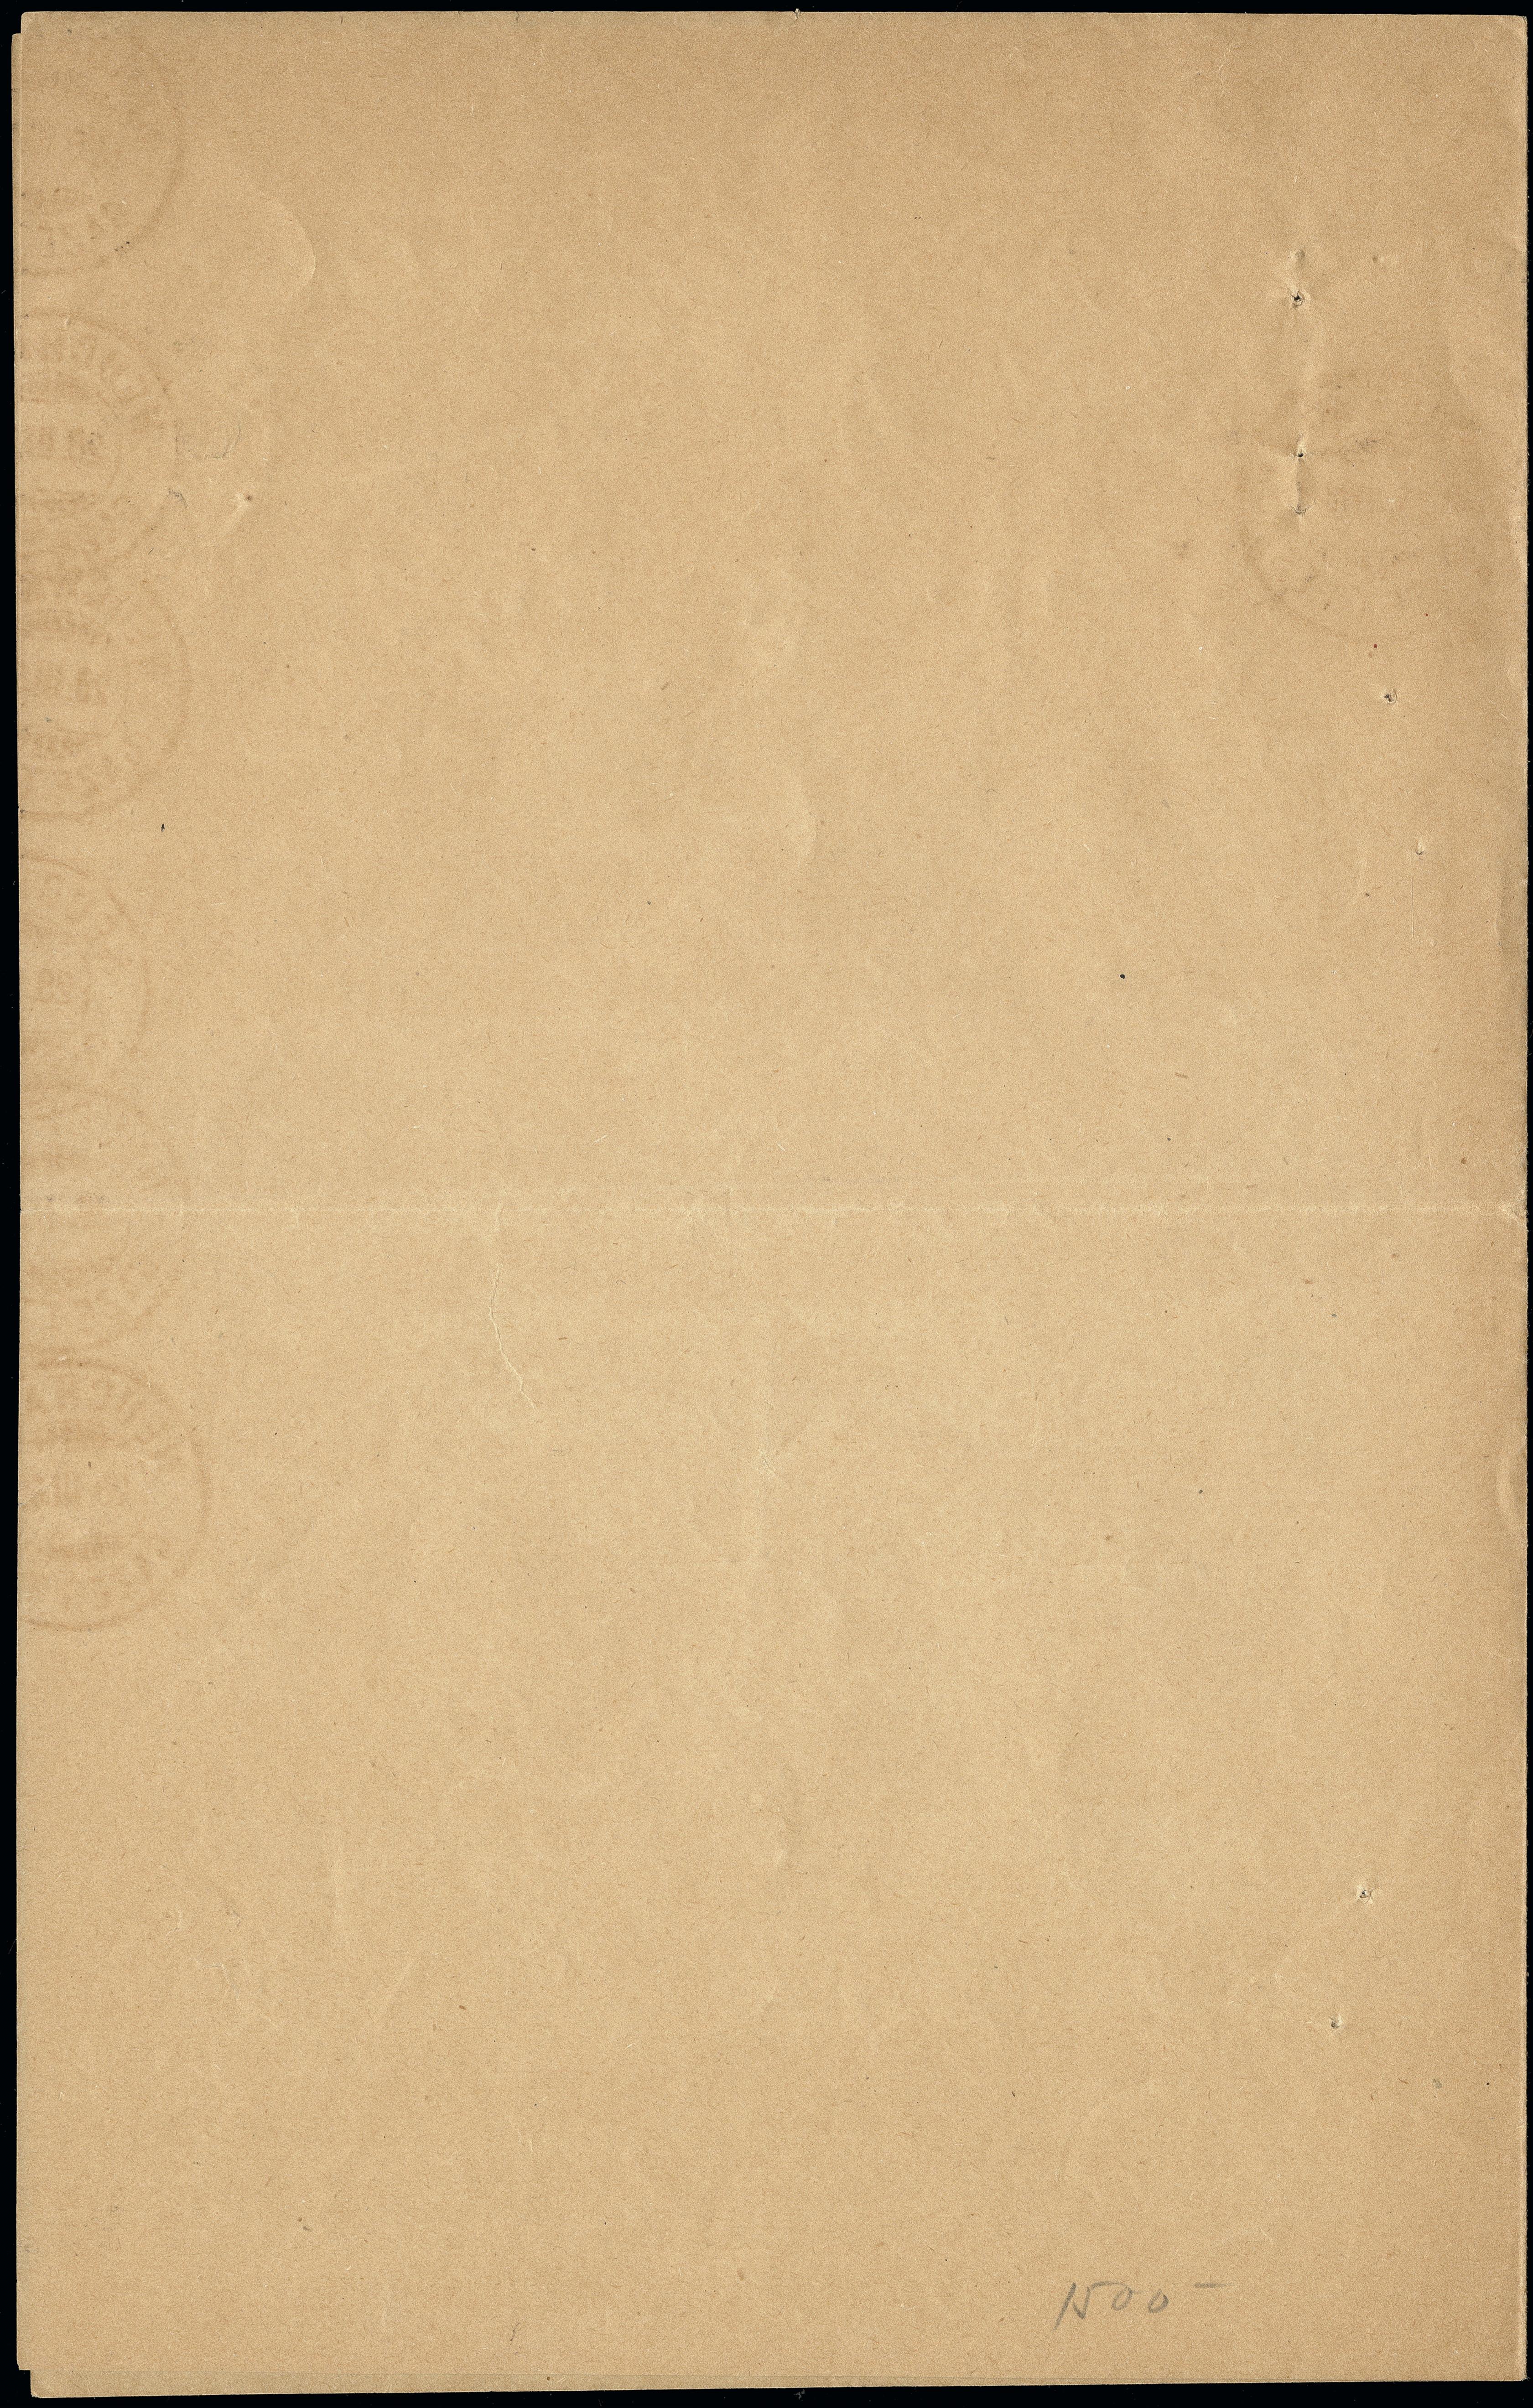 Lot 1038 - Main catalogue Switzerland - postage due -  Heinrich Koehler Auktionen Heinrich Köhler Auction 376 - Day 1